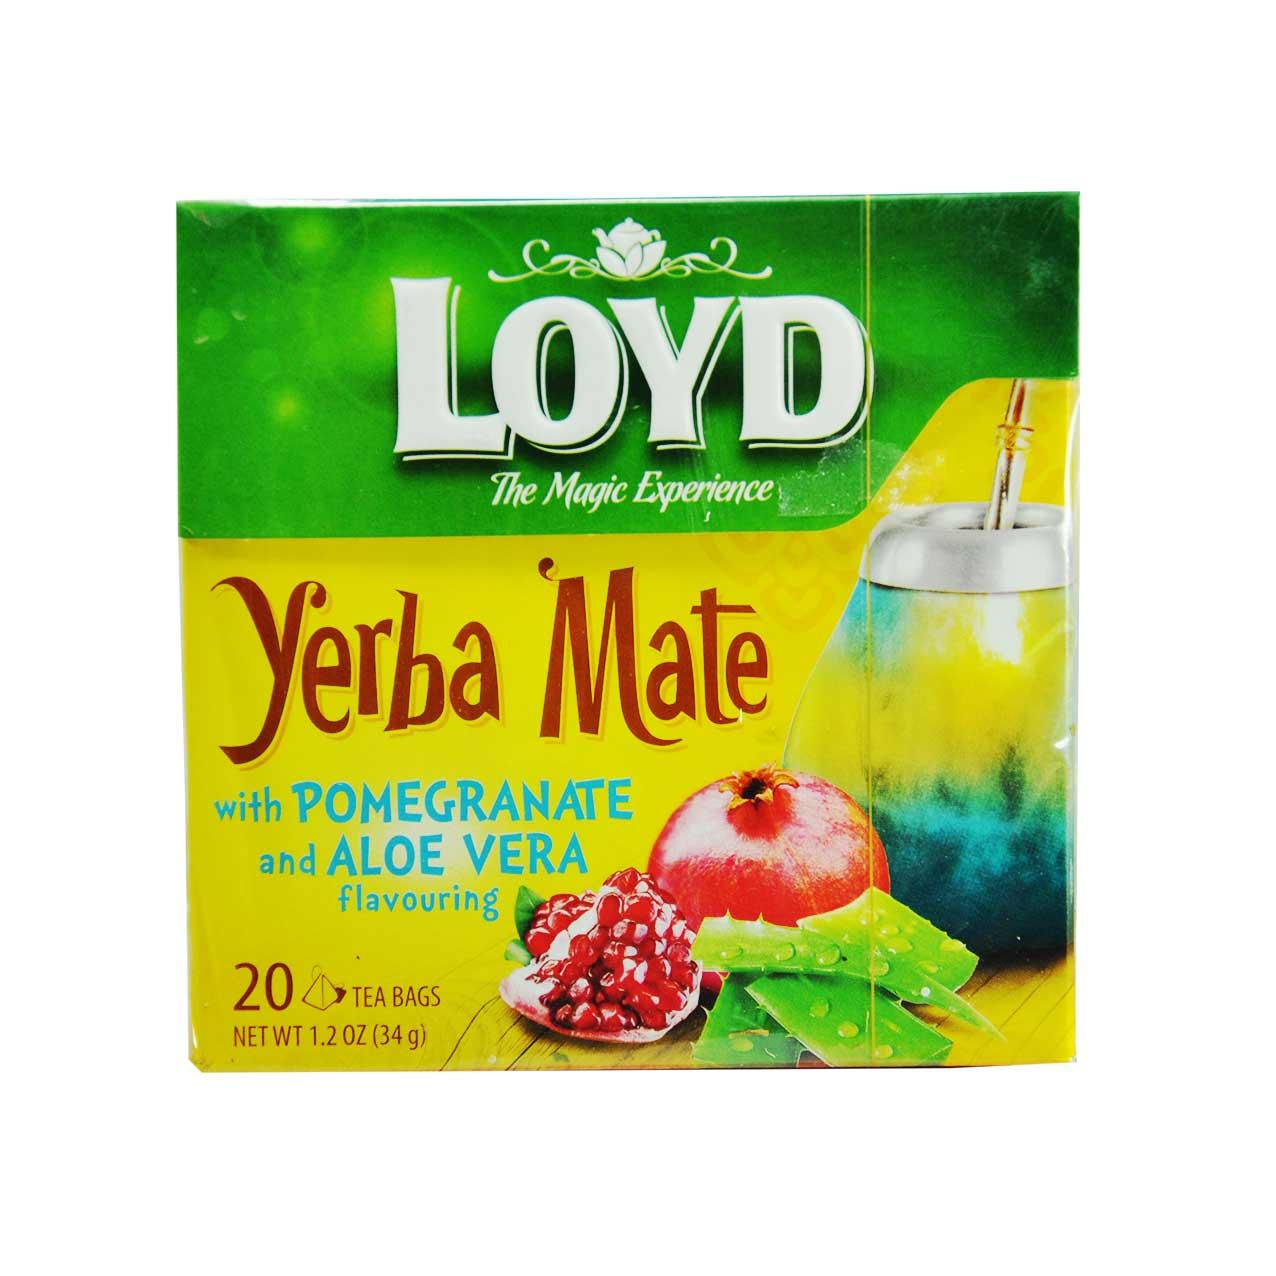 دمنوش گیاهی انار و آلوورا (یربا ماته ) لوید – LOYD